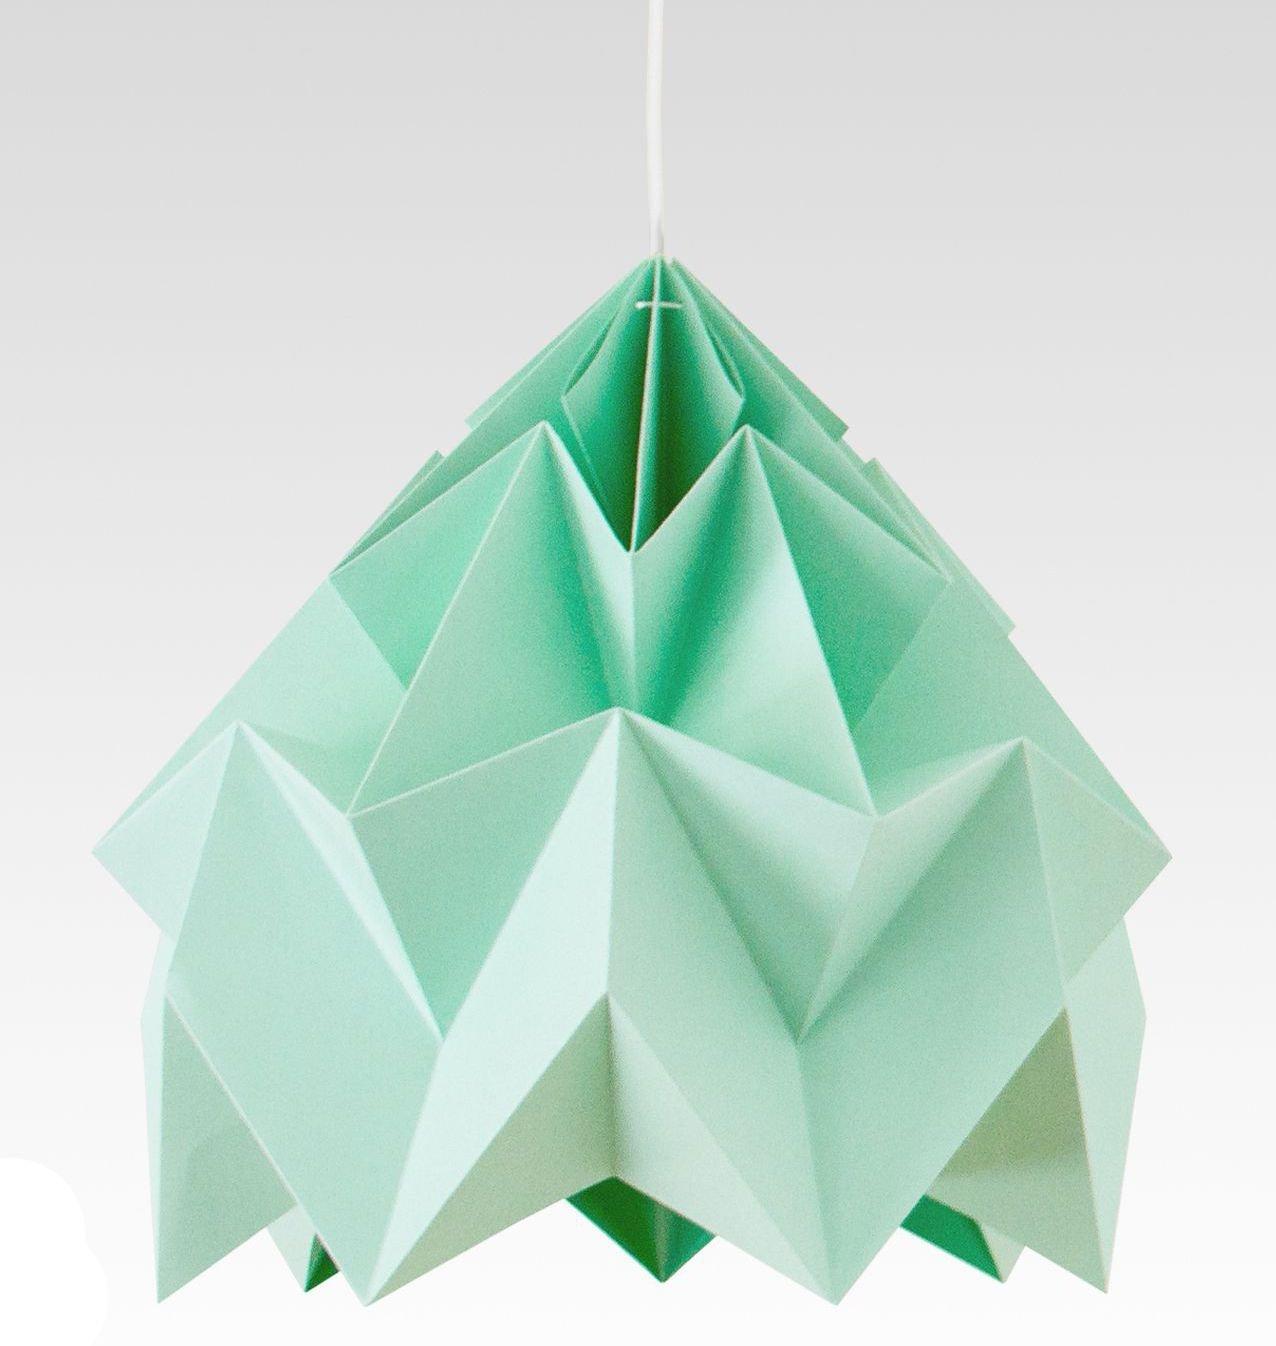 Tutoriel pour la r alisation de l 39 origami coq origami for Architecte 3d hd facile tutoriel